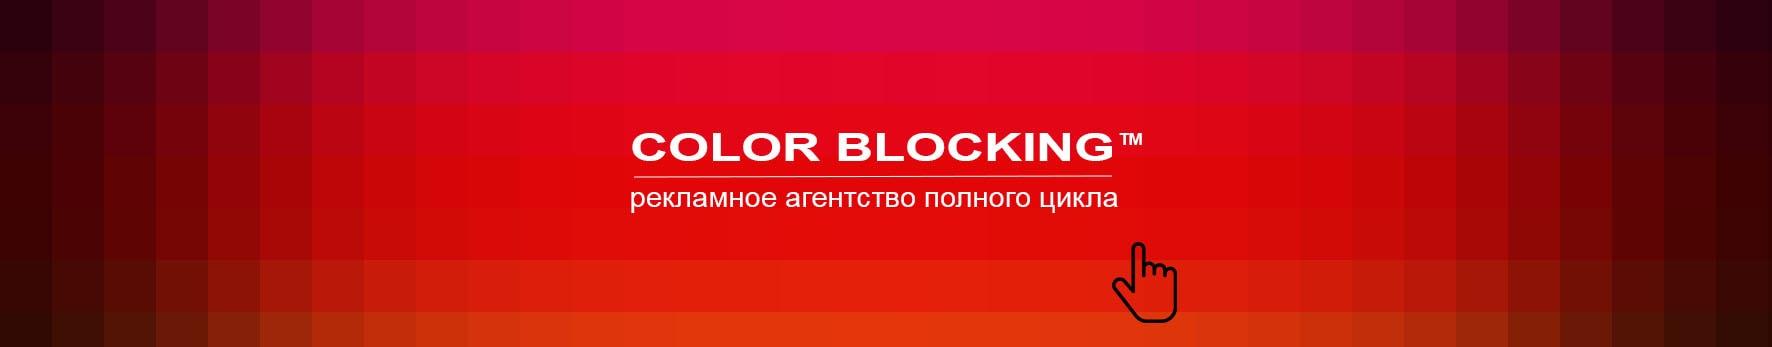 наружная реклама в Владикавказе оператор